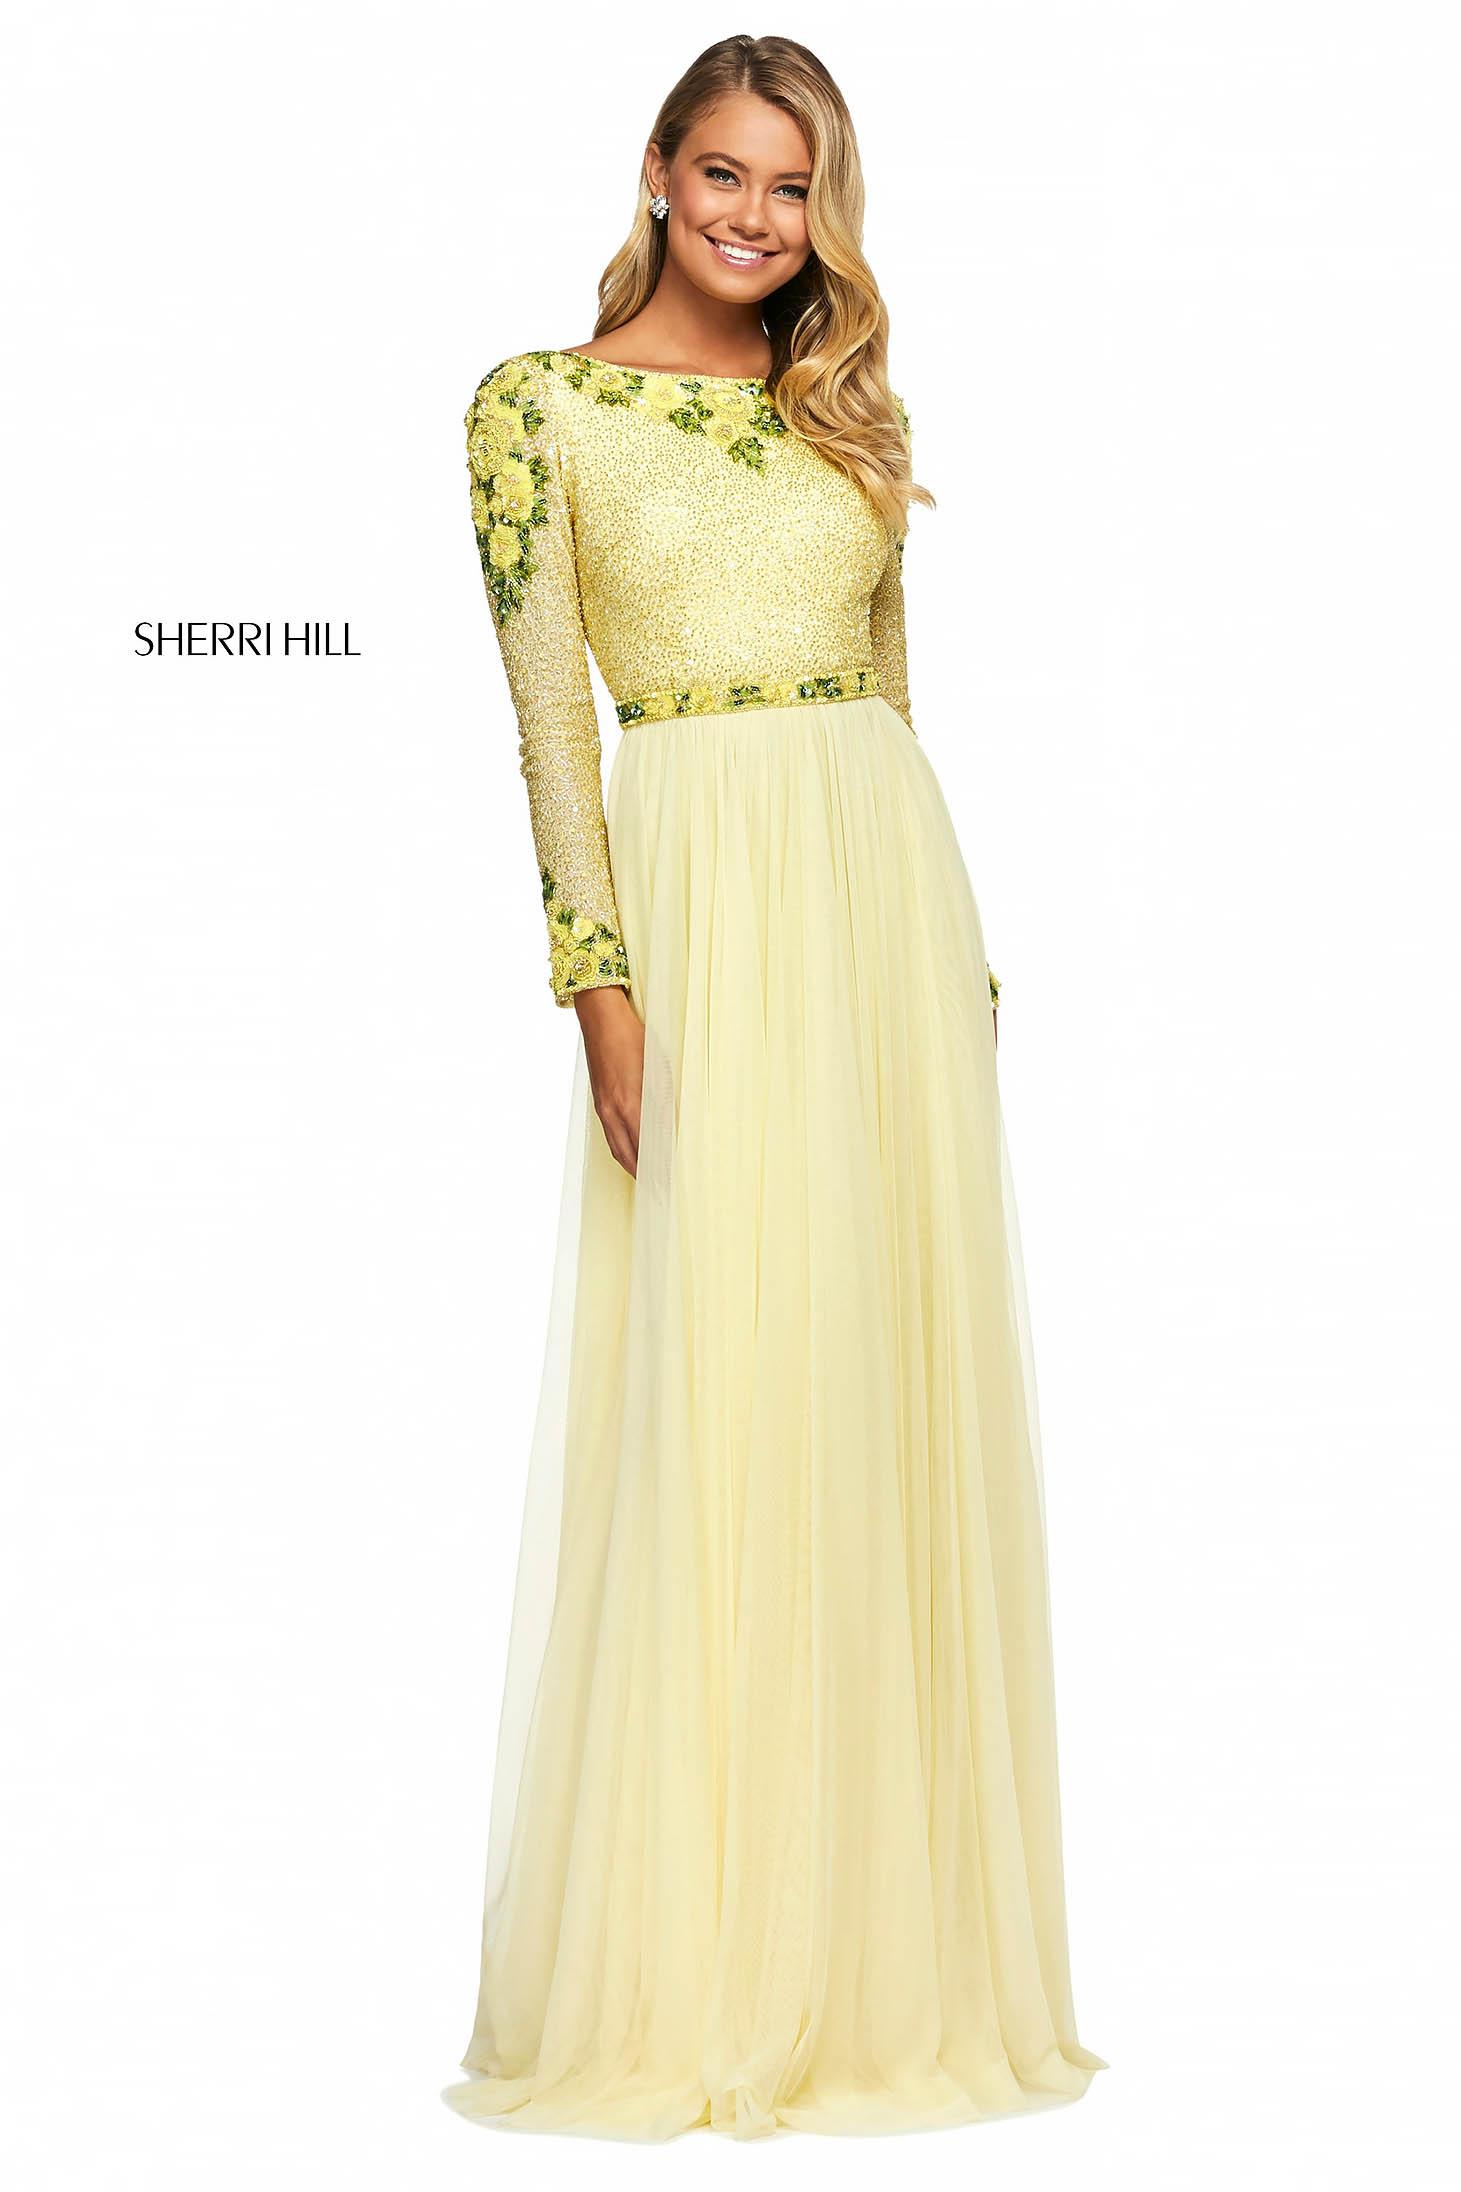 Rochie Sherri Hill 53485 yellow/green